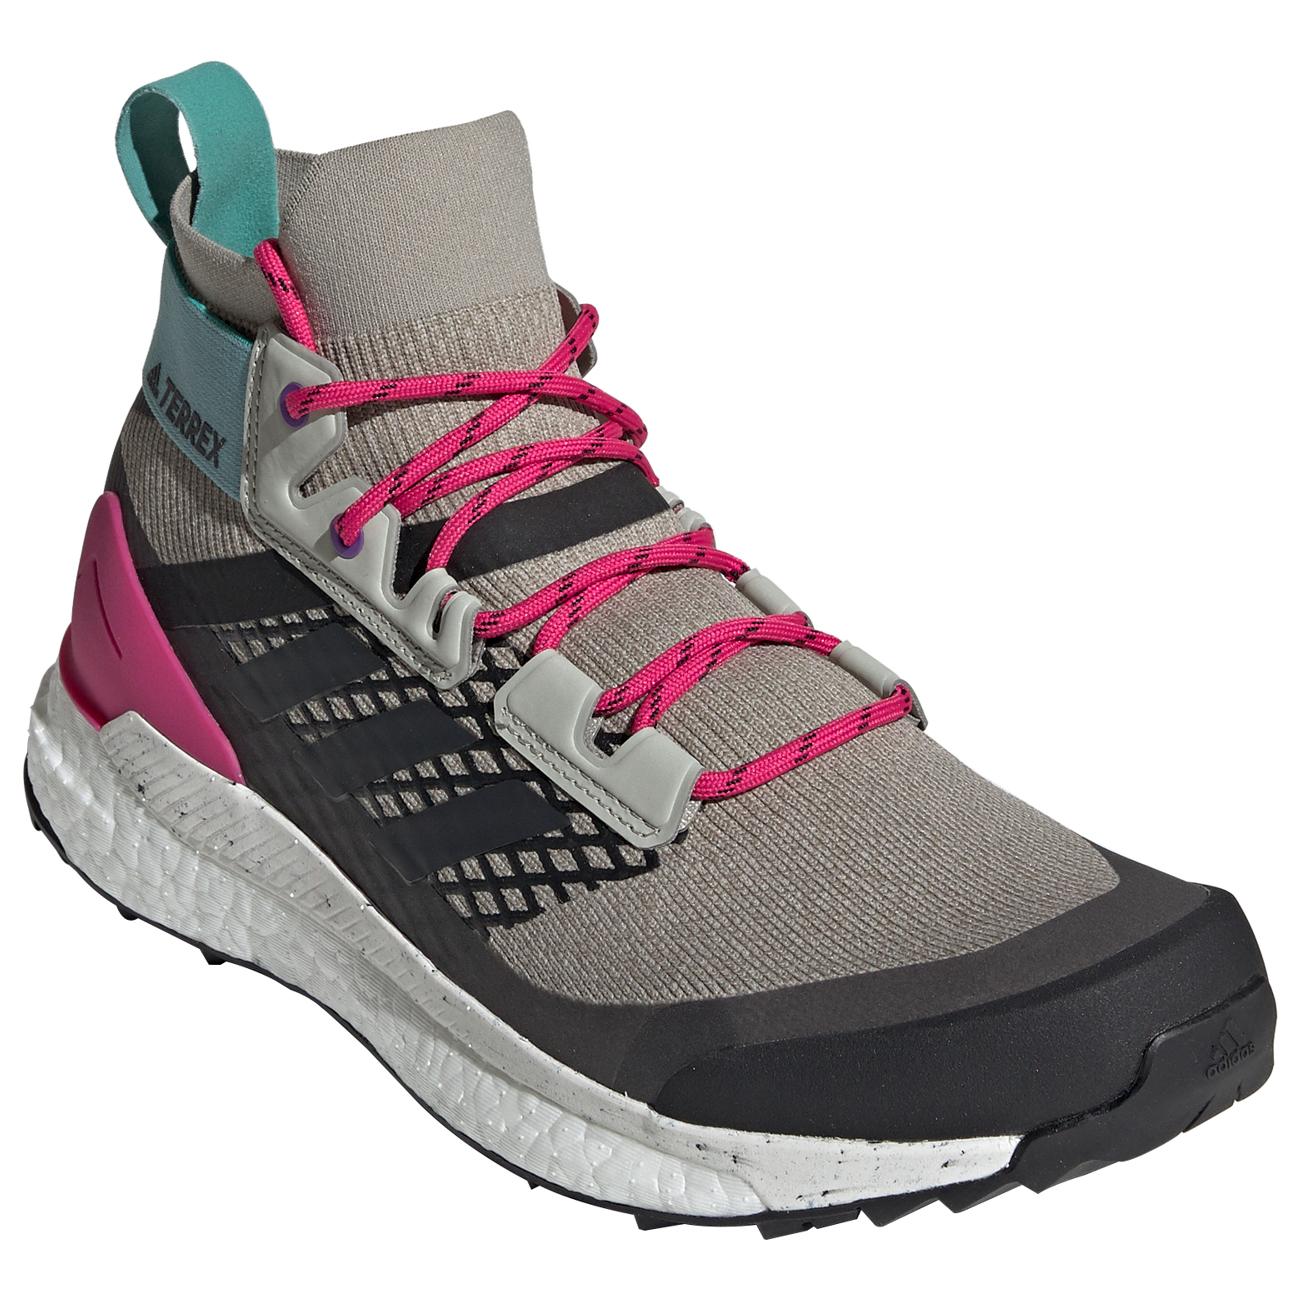 c98760f4b Adidas Terrex Free Hiker - Walking boots Men s